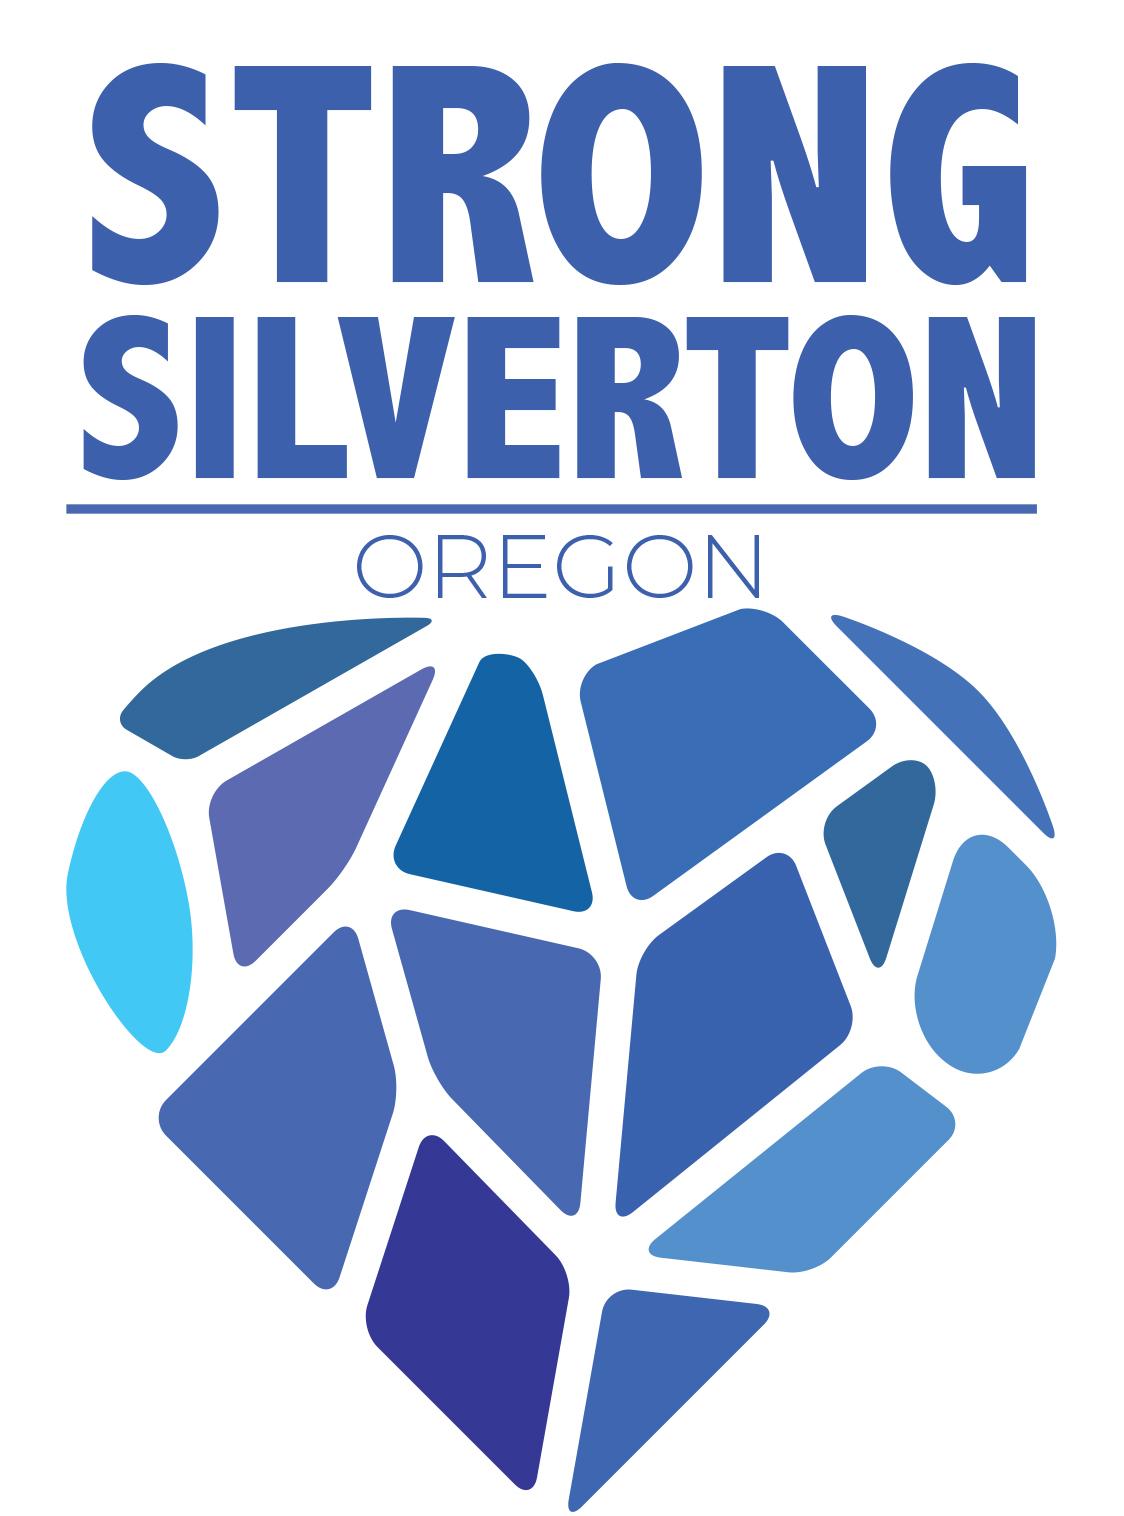 STRONG_SILVERTON_LOGO_01